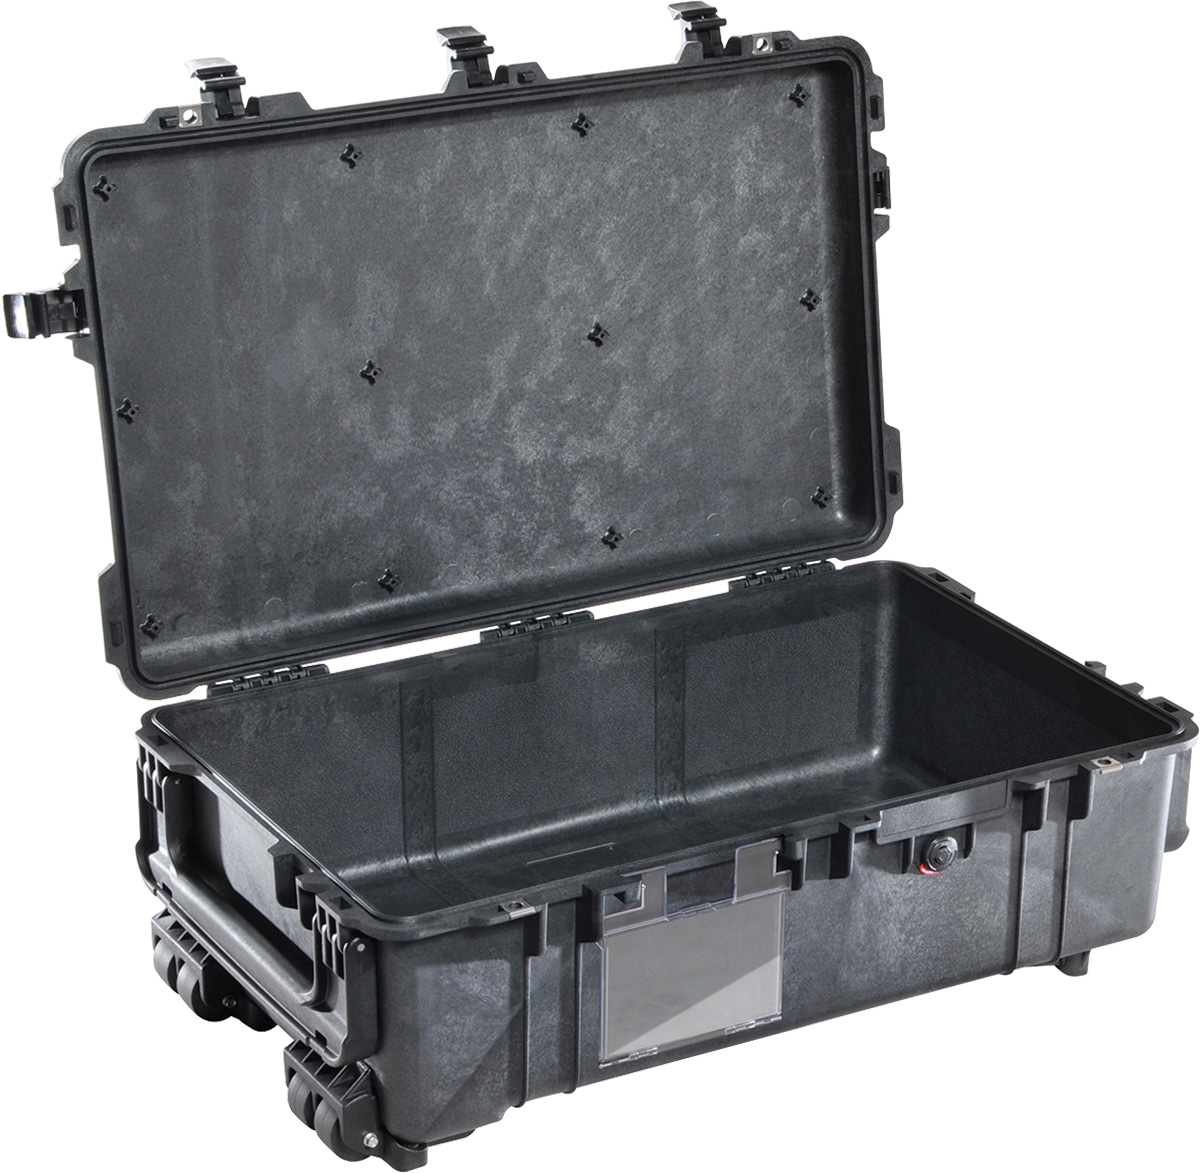 pelican 1670 protector waterproof case